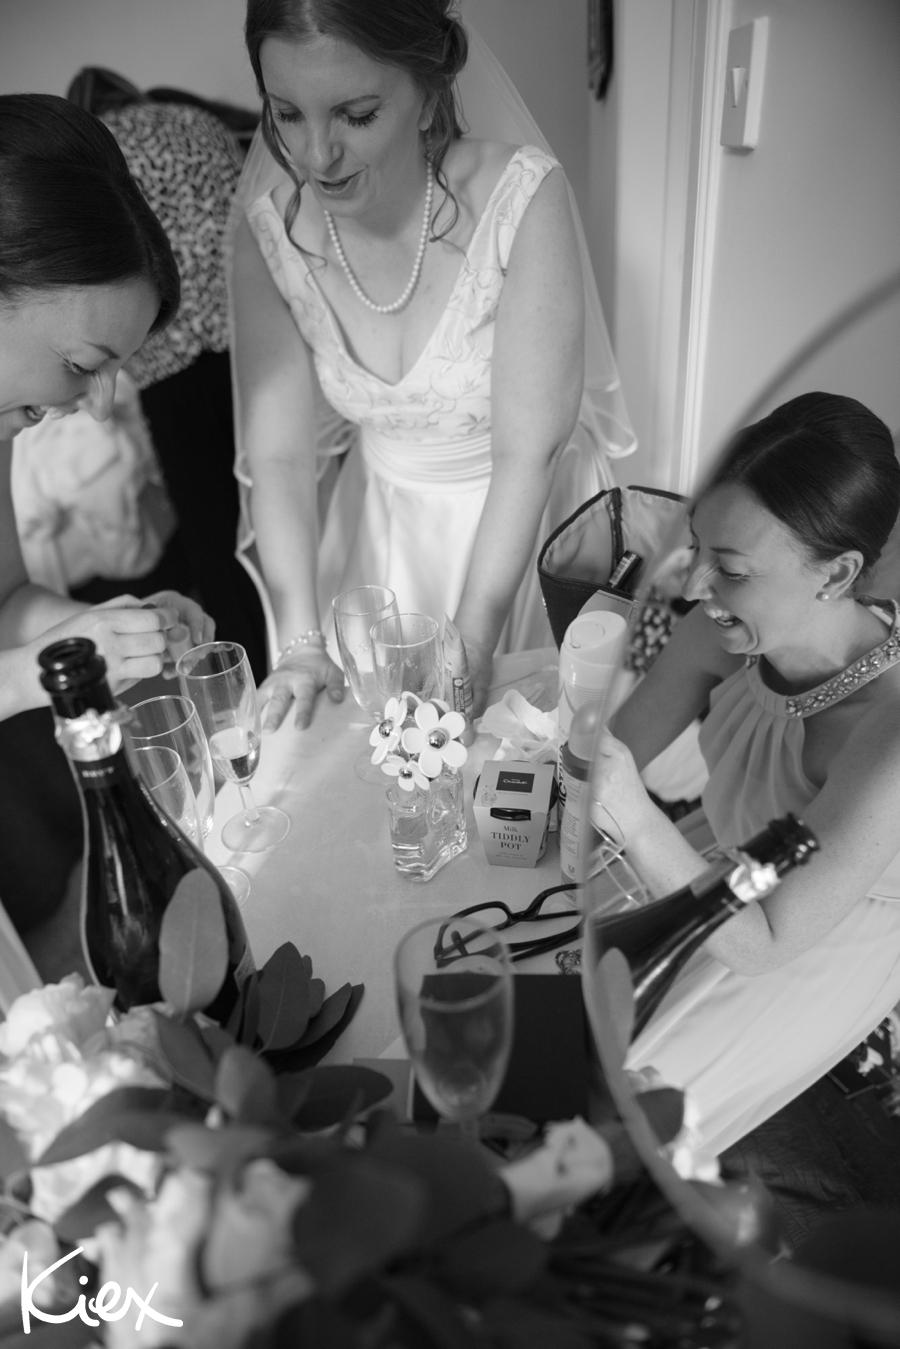 KIEX WEDDING_FARROWROB_036.jpg